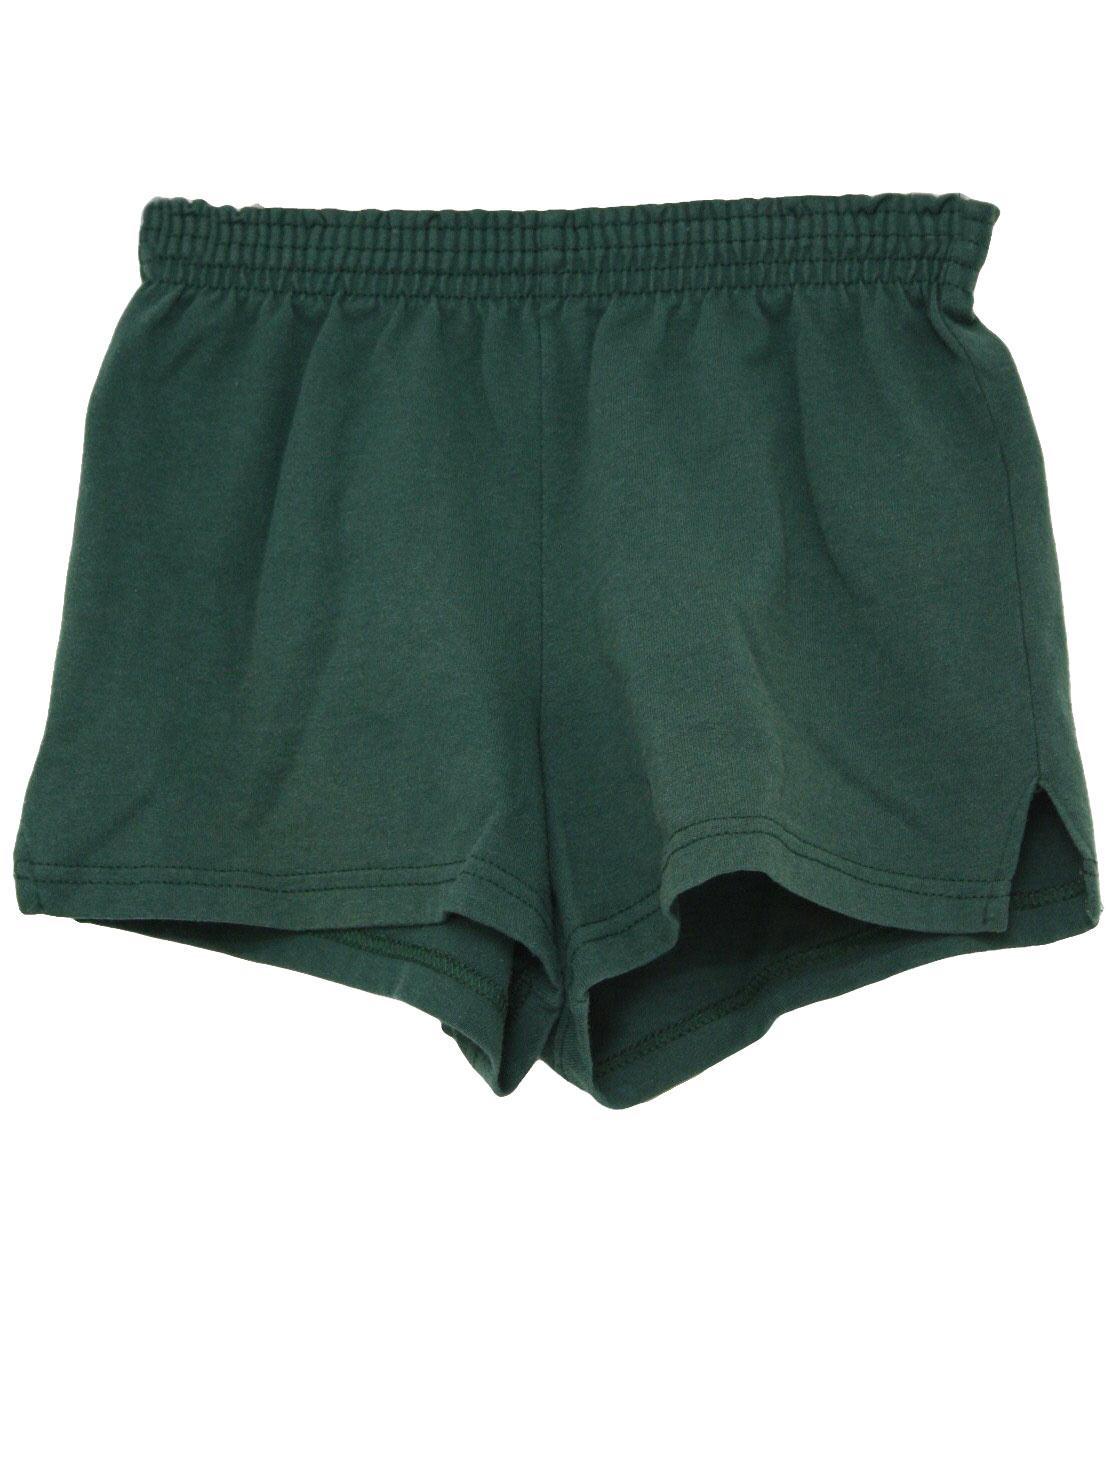 1970s M J Soffe Co Shorts 70s M J Soffe Co Unisex